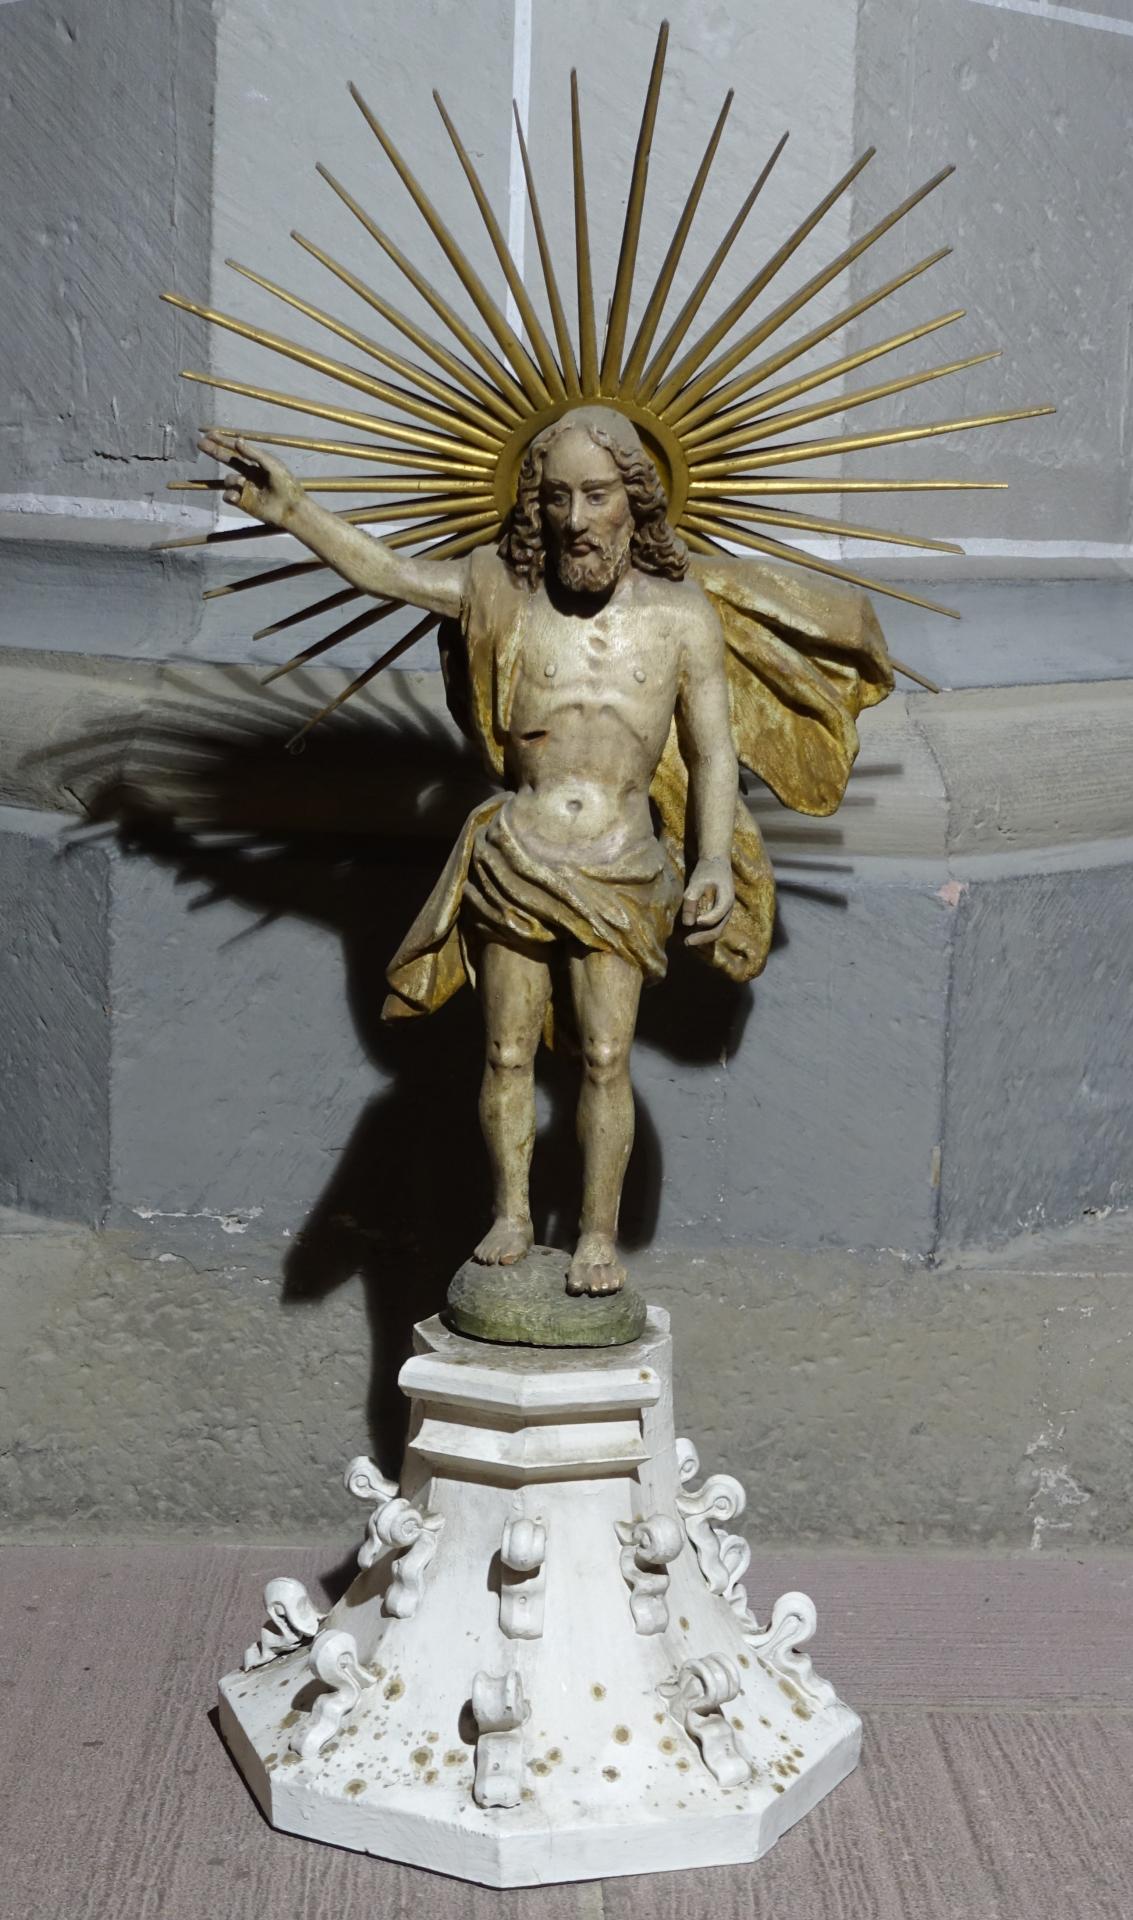 Der auferstandene Christus, am Boden einer Südsäule